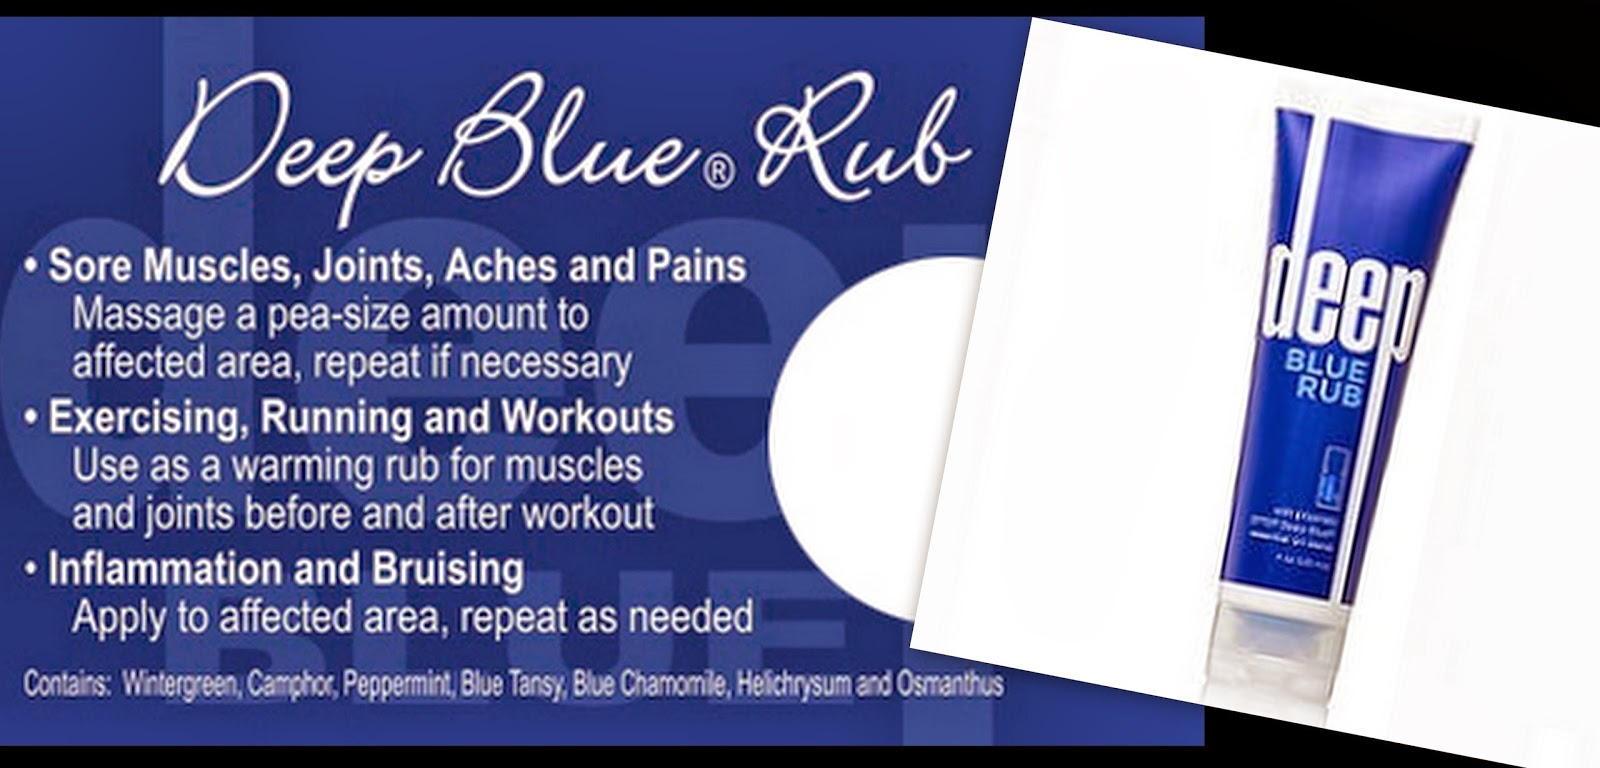 deep blue benefits